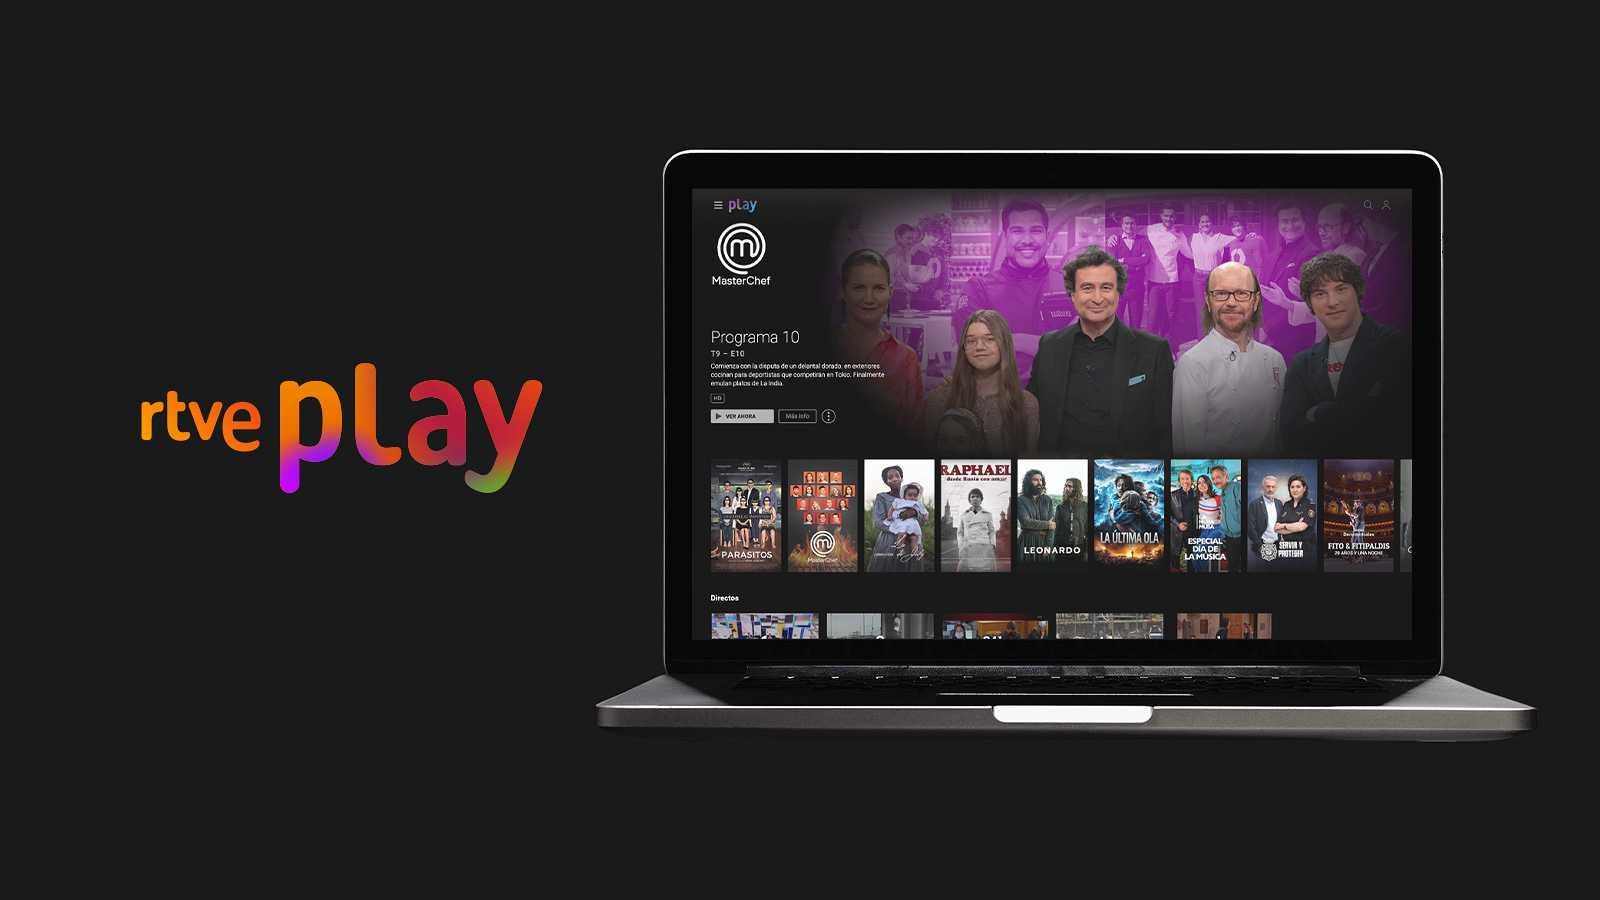 Conoce RTVE Play, la nueva plataforma de RTVE